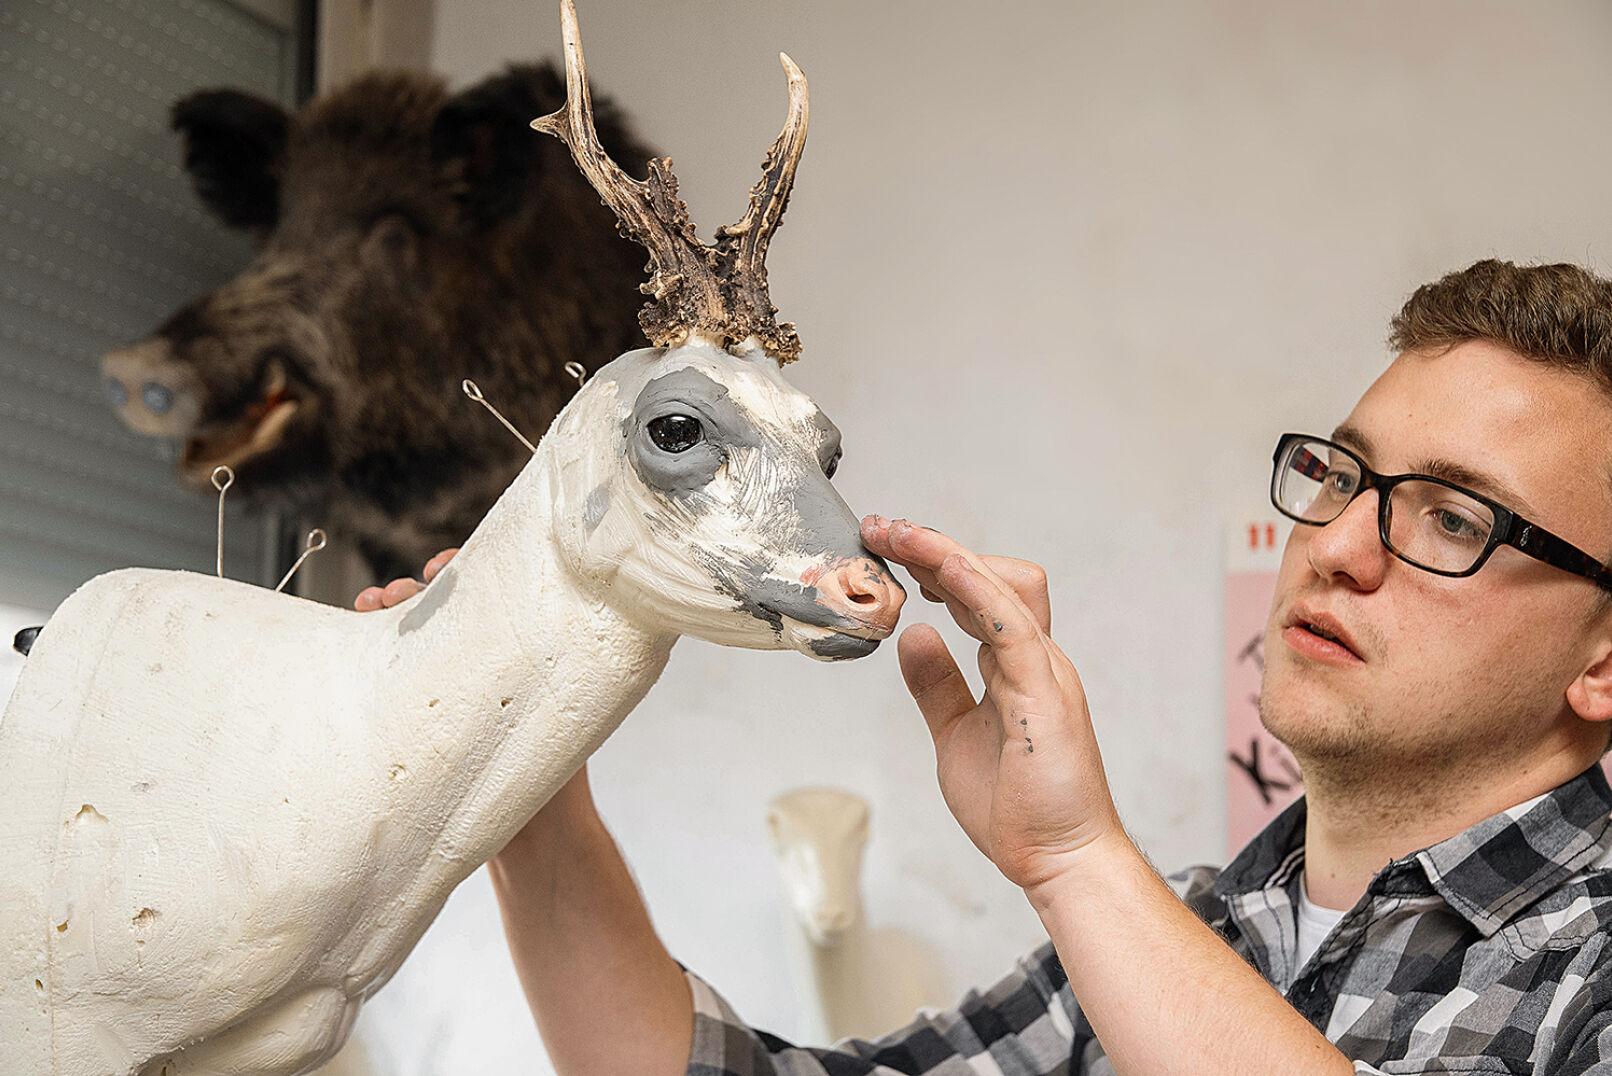 Präparator Daniel Schwarz beim Modellieren der Gesichtspartien eines Rehbock-Vorschlagpräparats. - © Barbara Marko